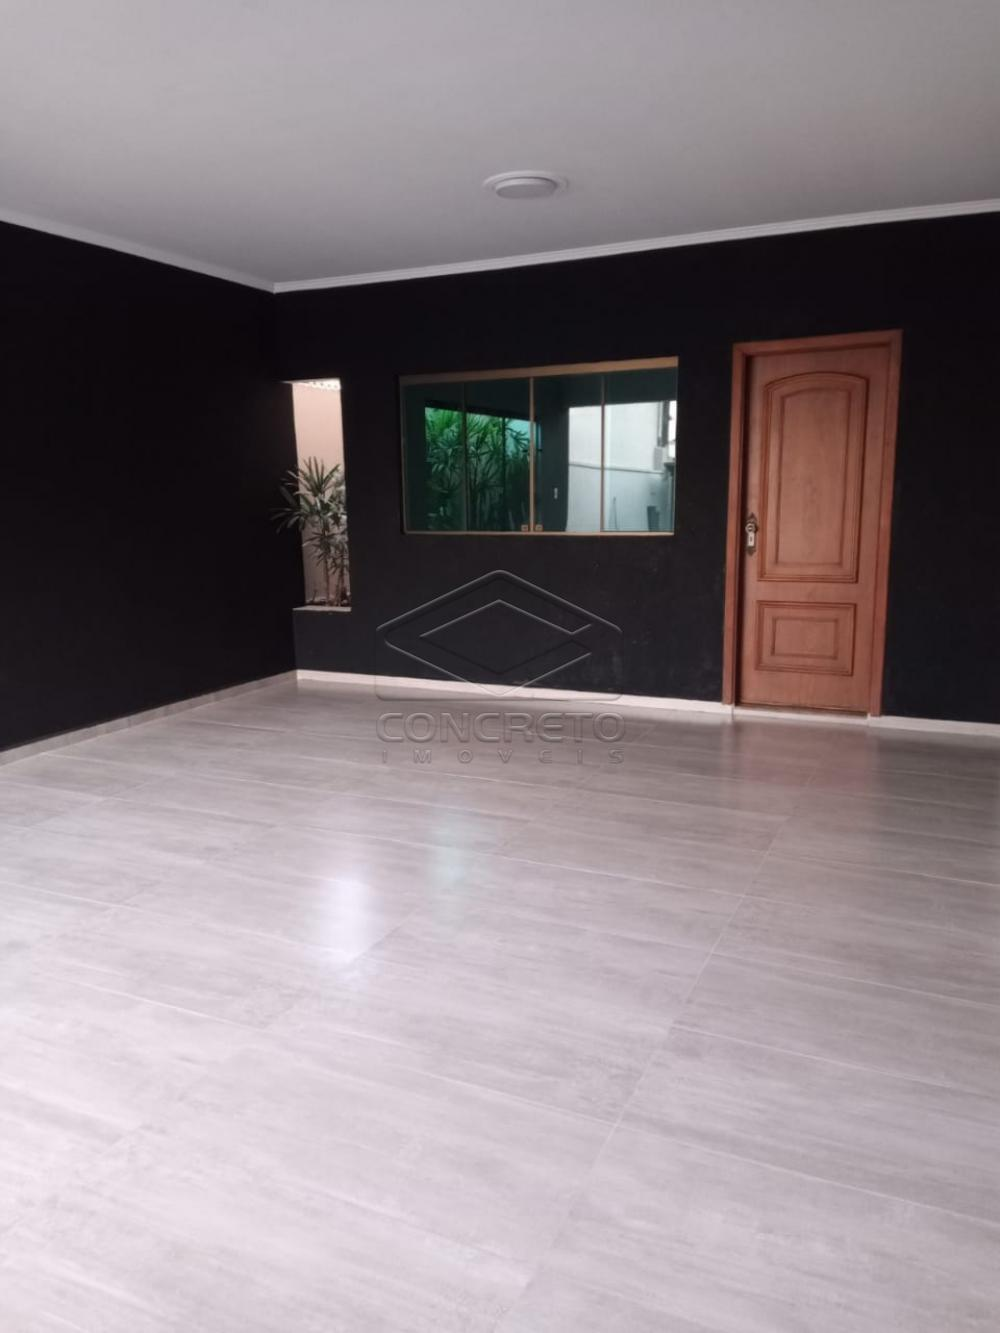 Comprar Casa / Padrão em Bauru R$ 590.000,00 - Foto 1